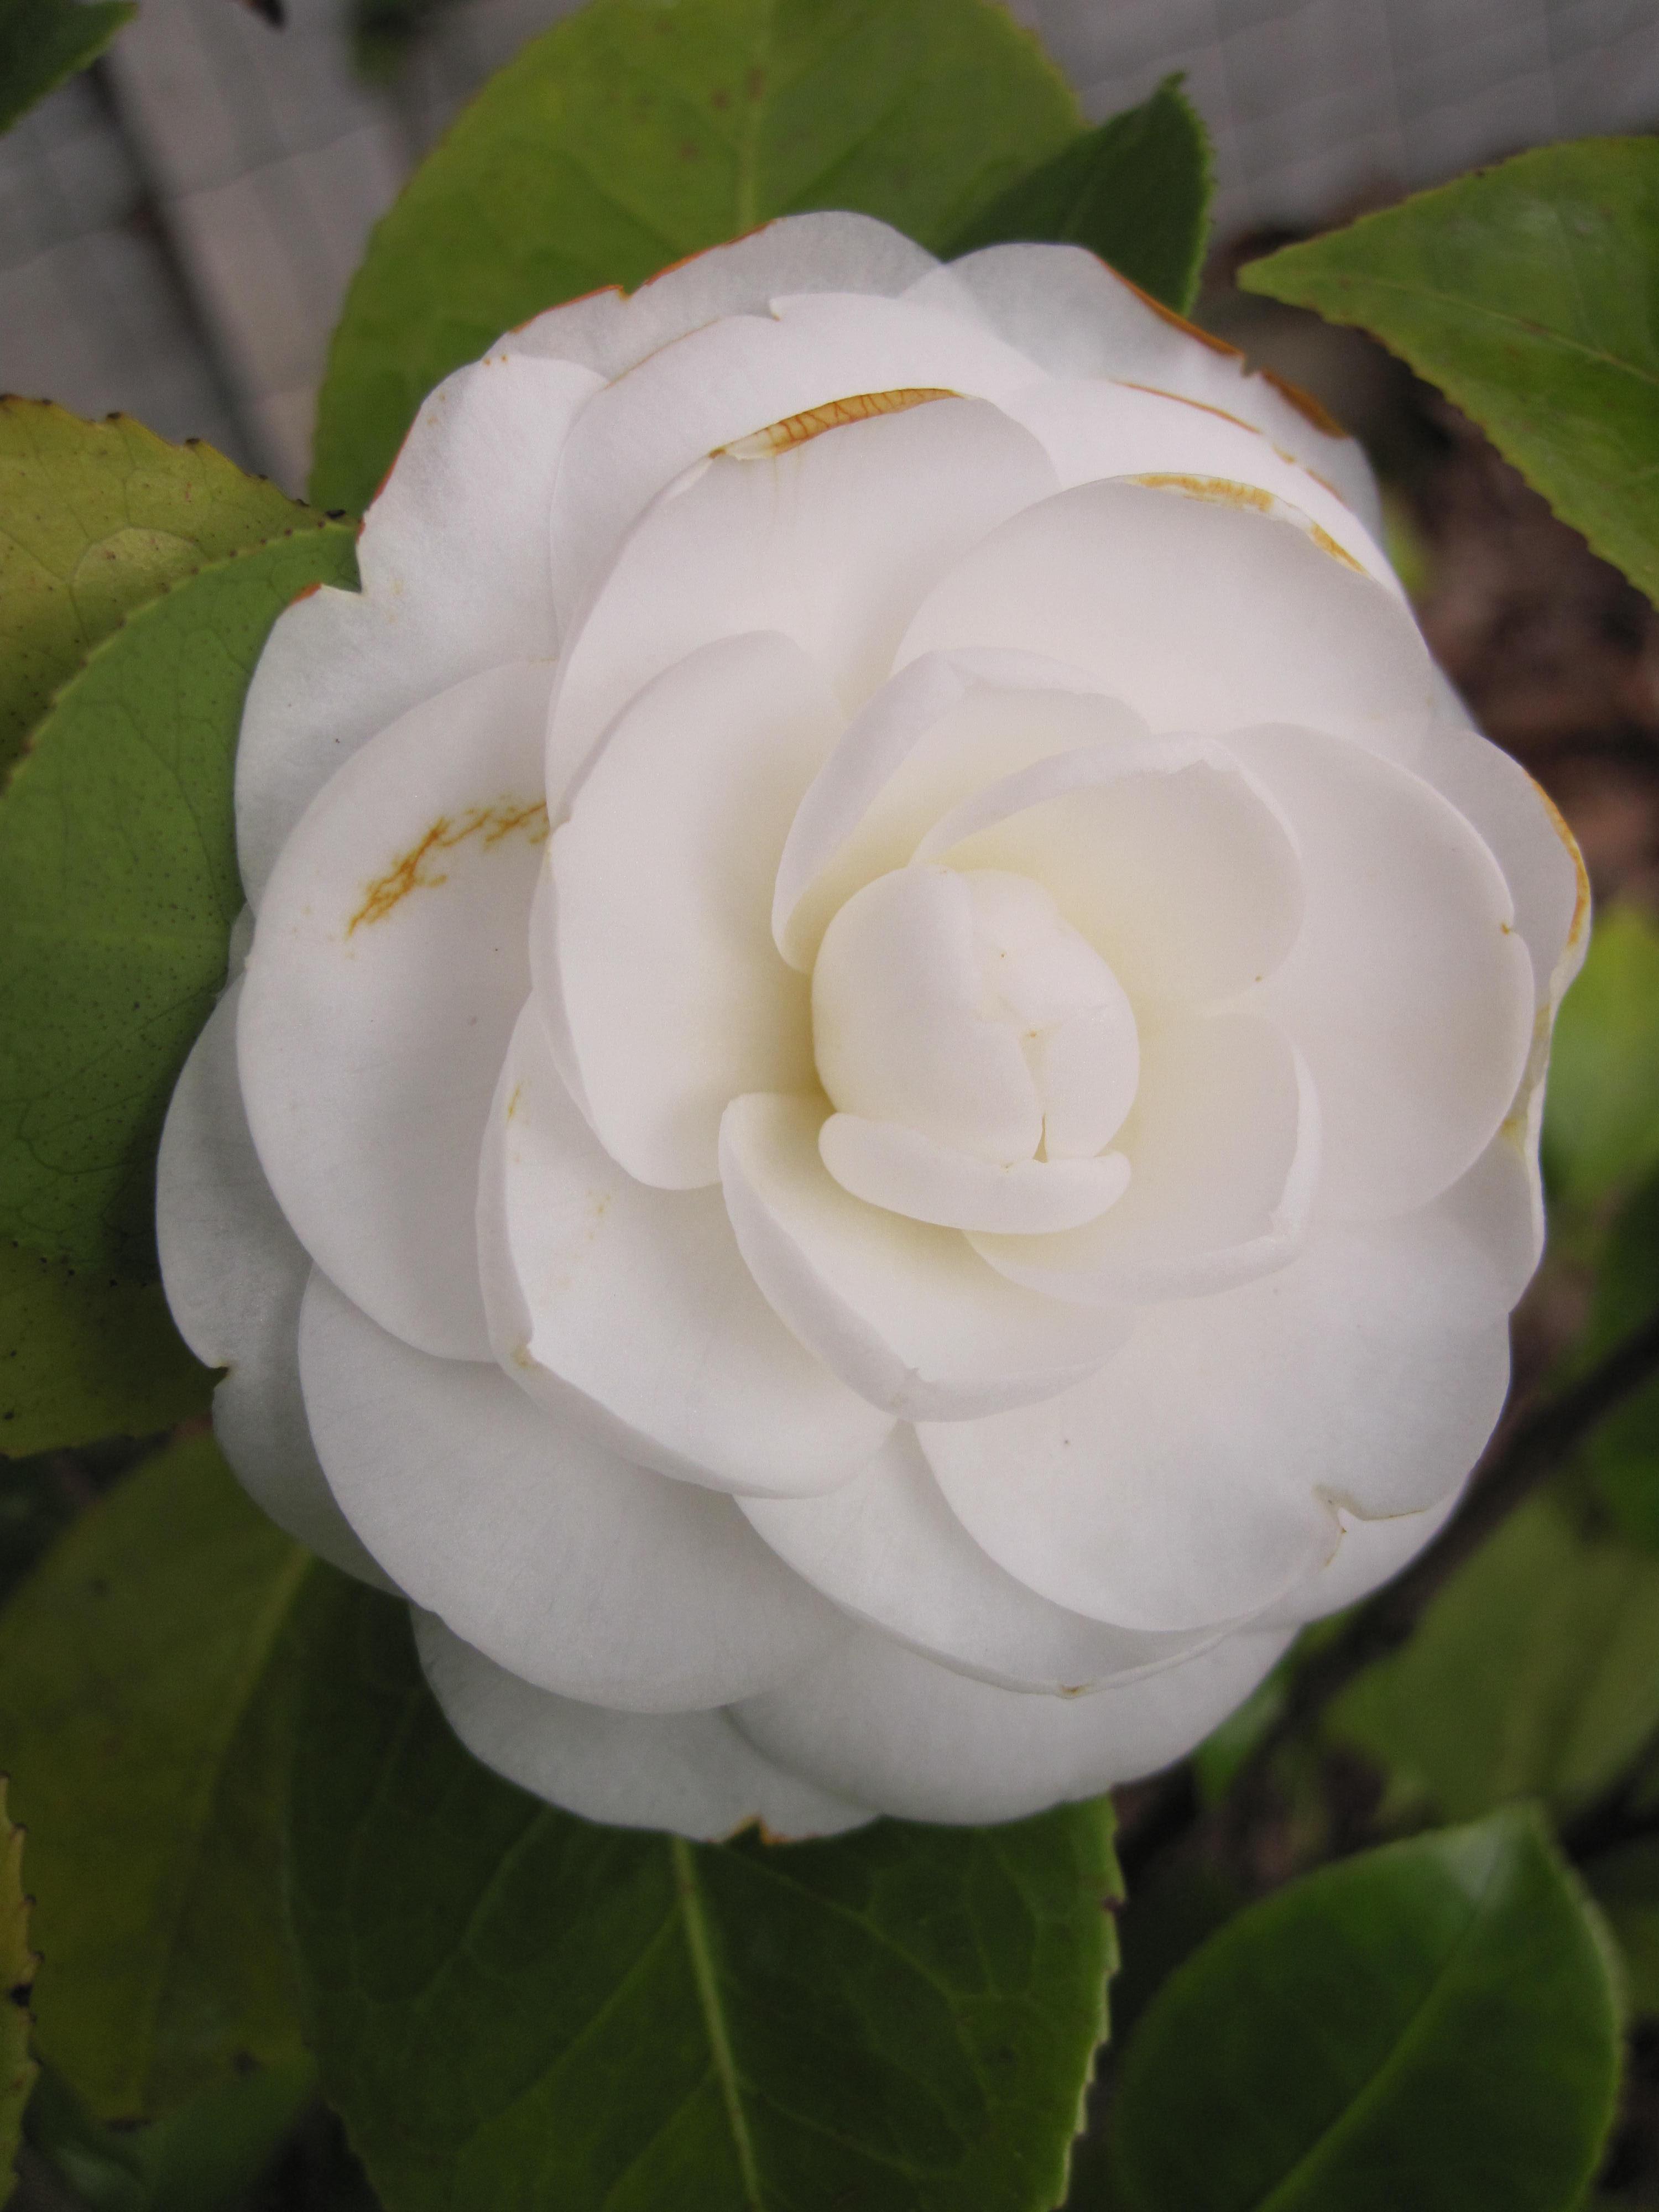 Enfin pour compléter cet article, voici mon camellia sasanqua Rainbow à fleur blanche marginée de rose vif, simple et parfumée.